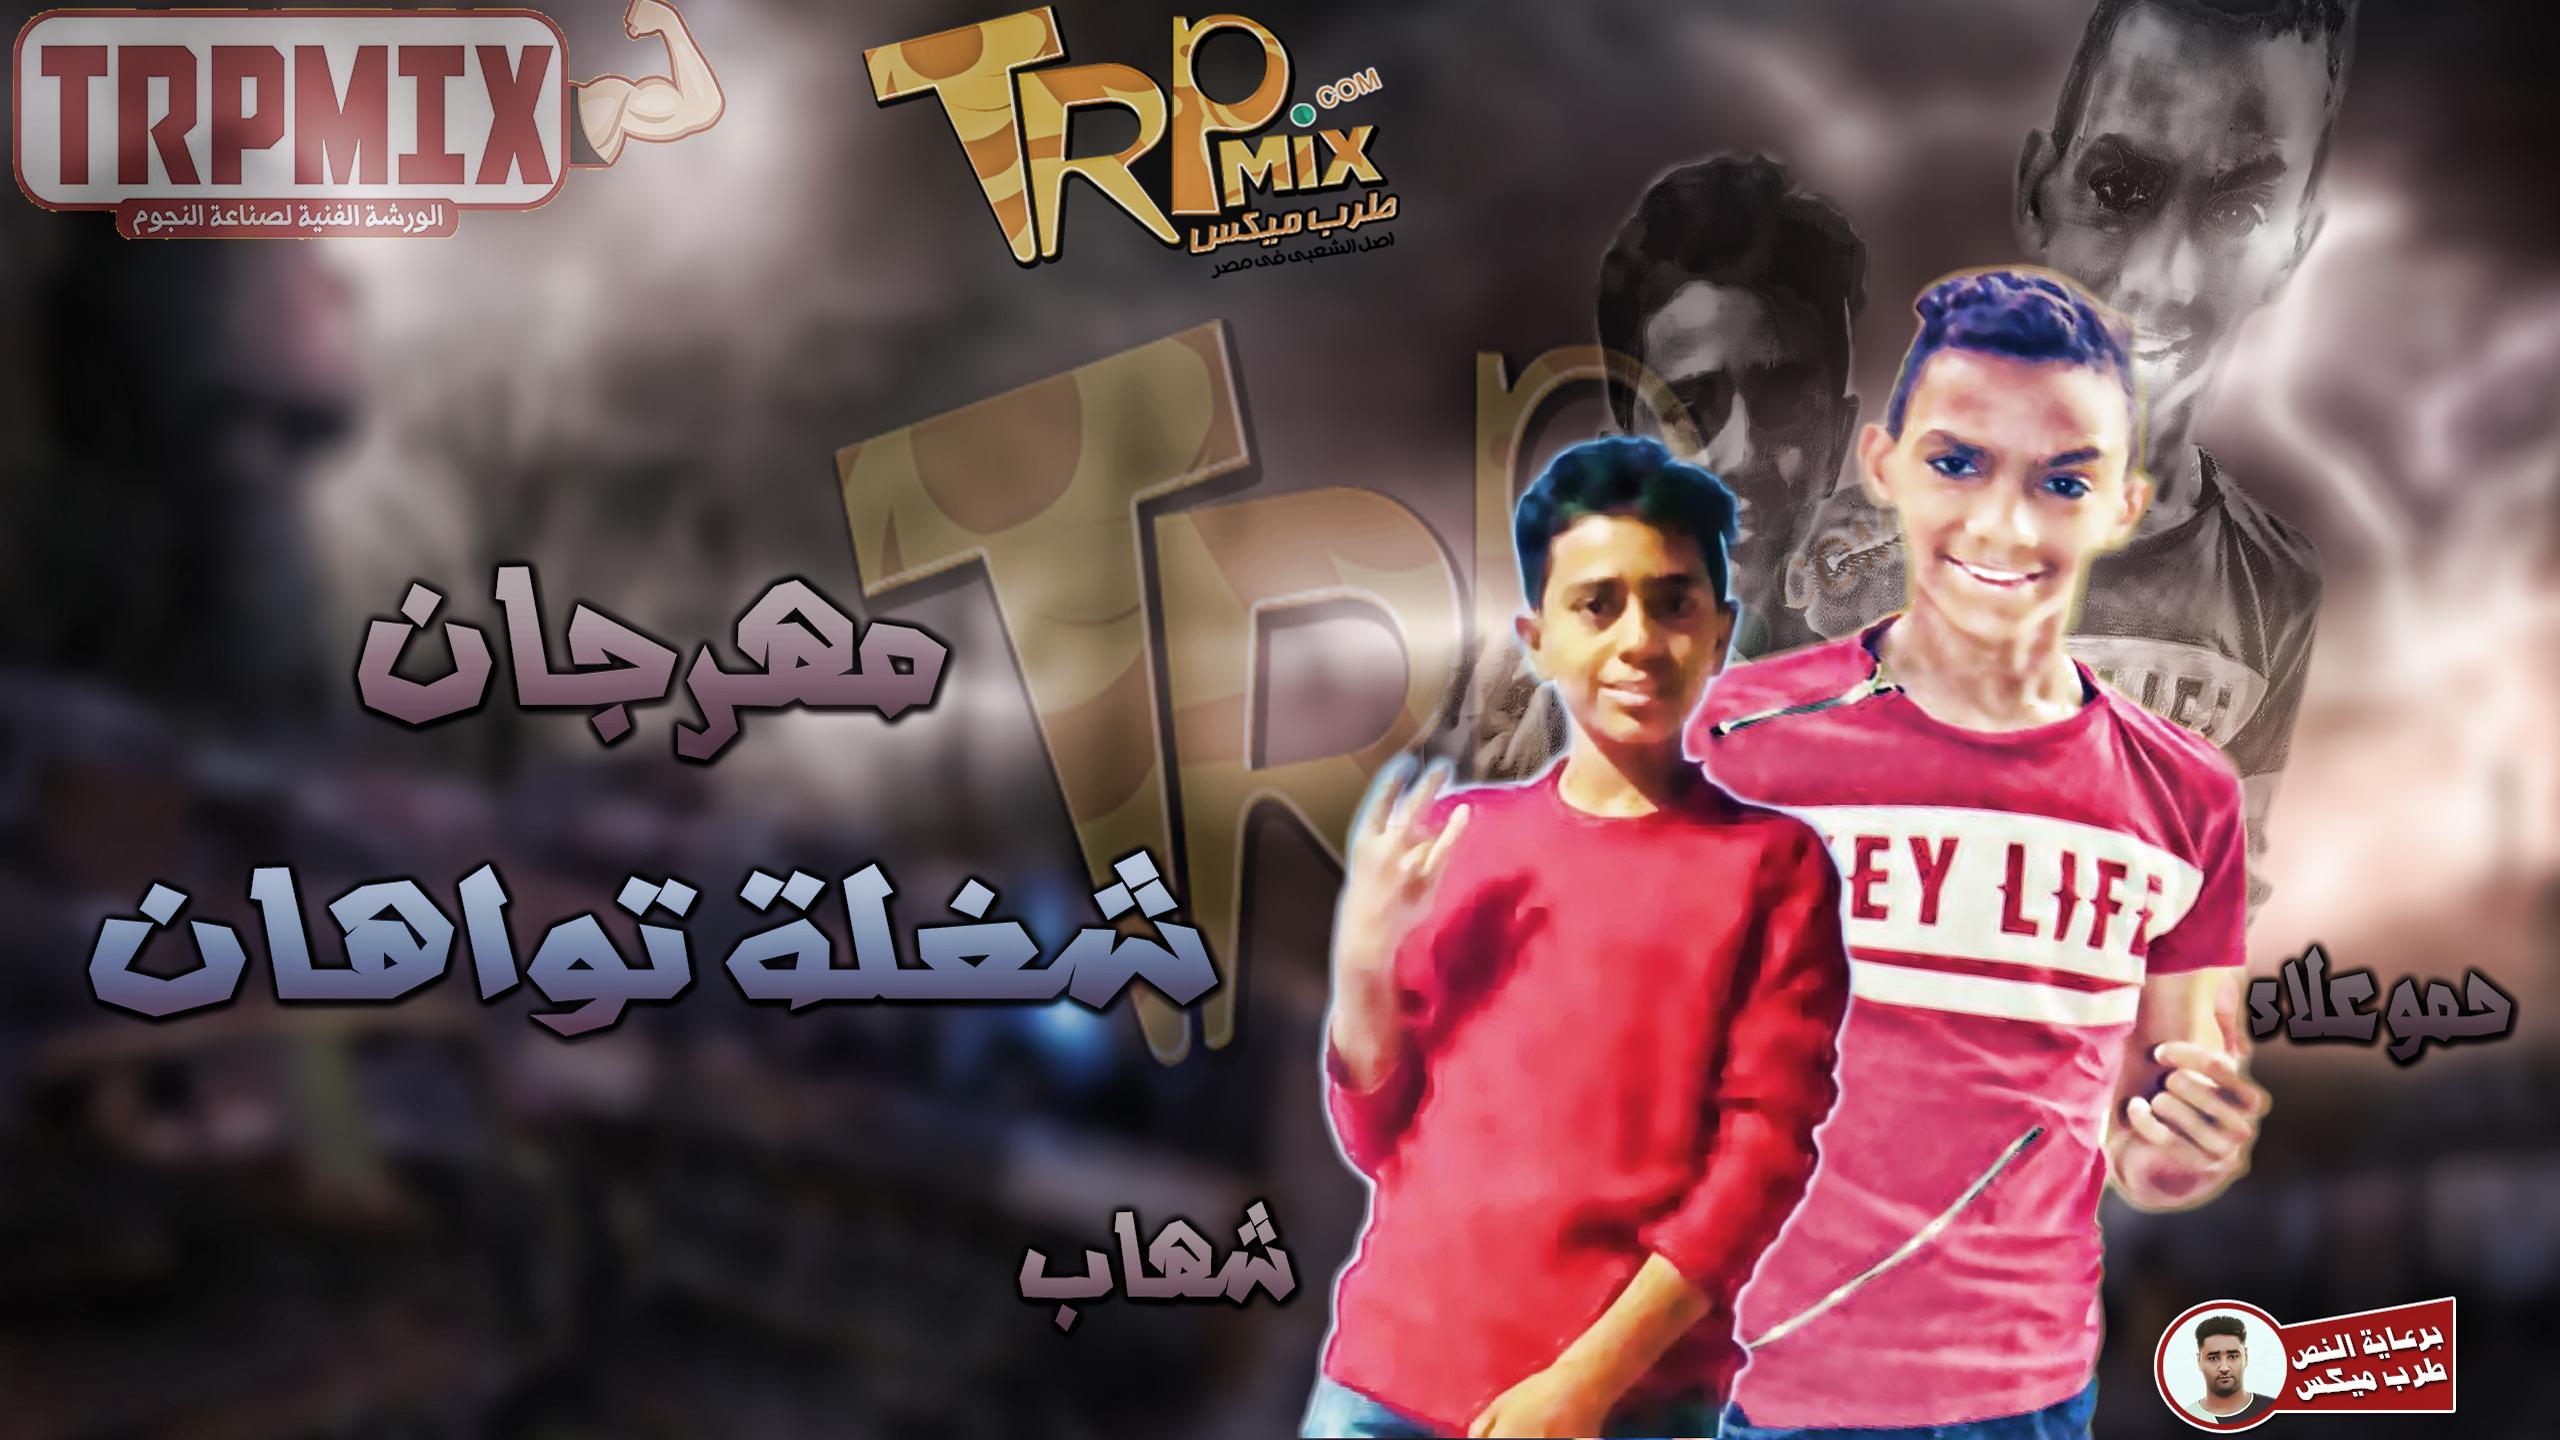 مهرجان شغلة توهان غناء محمد علاء و شهاب الصغير برعاية طرب ميكس 2018